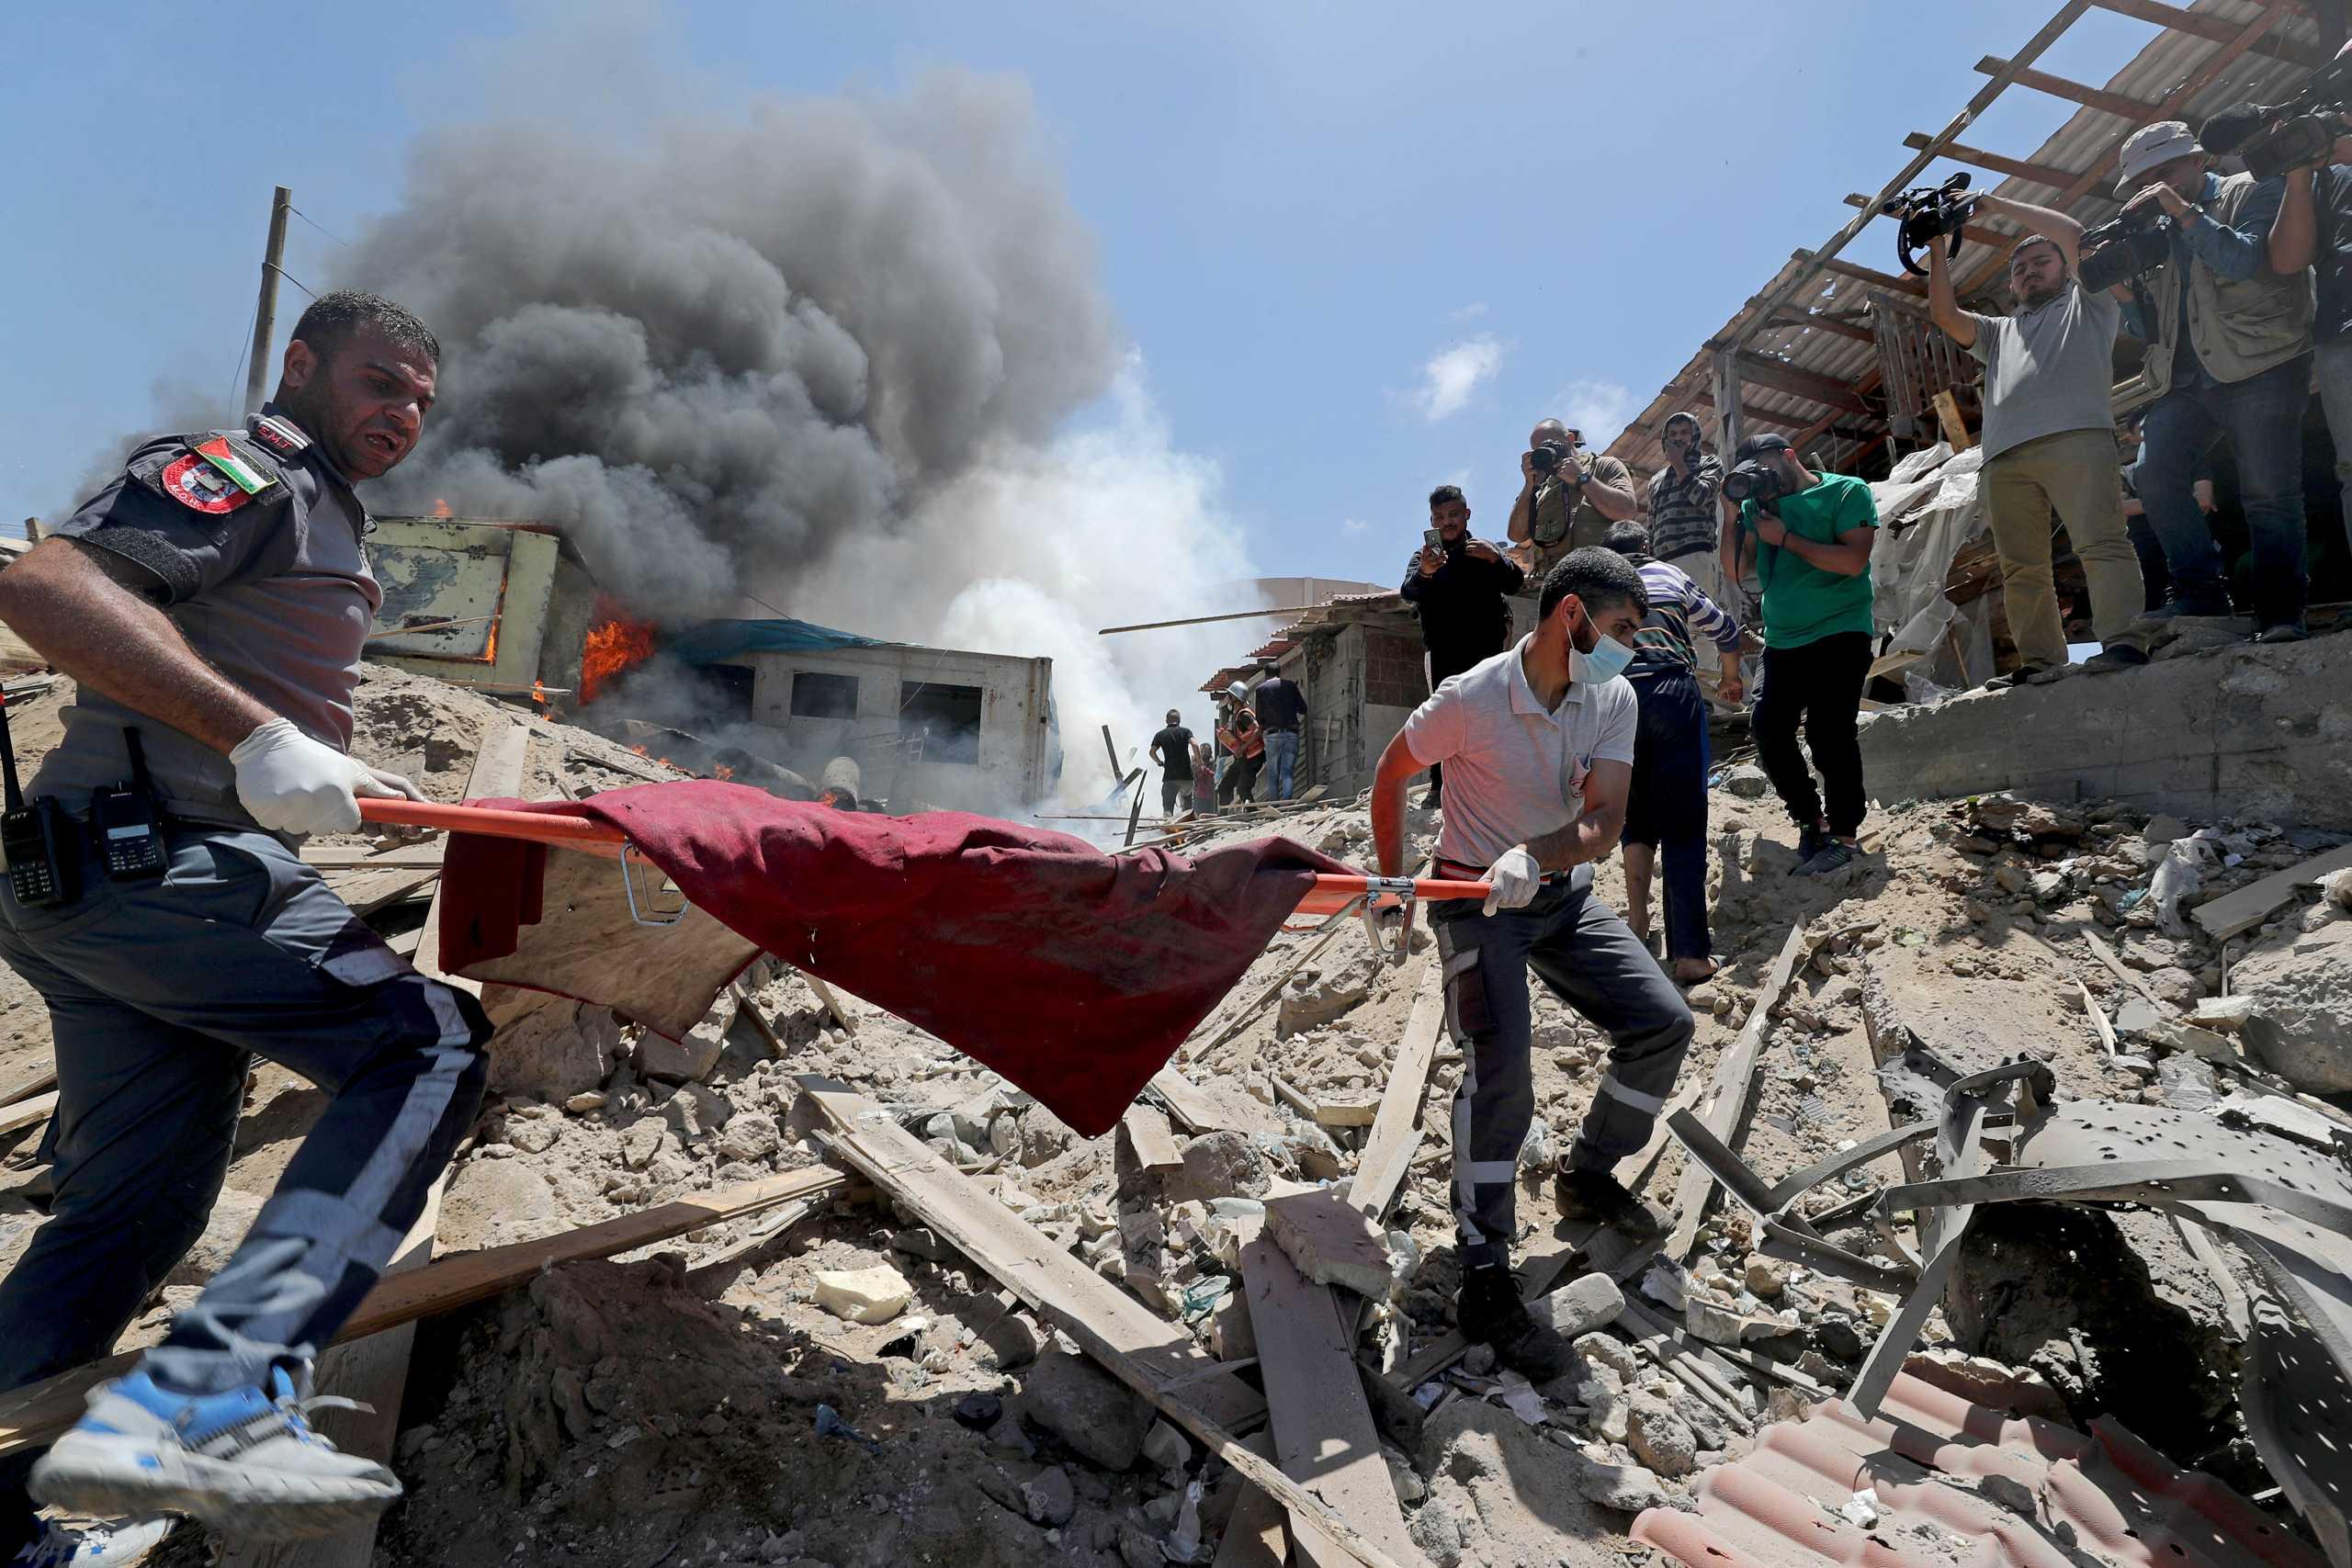 Ισραηλινές αεροπορικές επιδρομές πλήττουν τη Γάζα – 42.000 Παλαιστίνιοι έχουν εγκαταλείψει τα σπίτια τους (pics, vids)